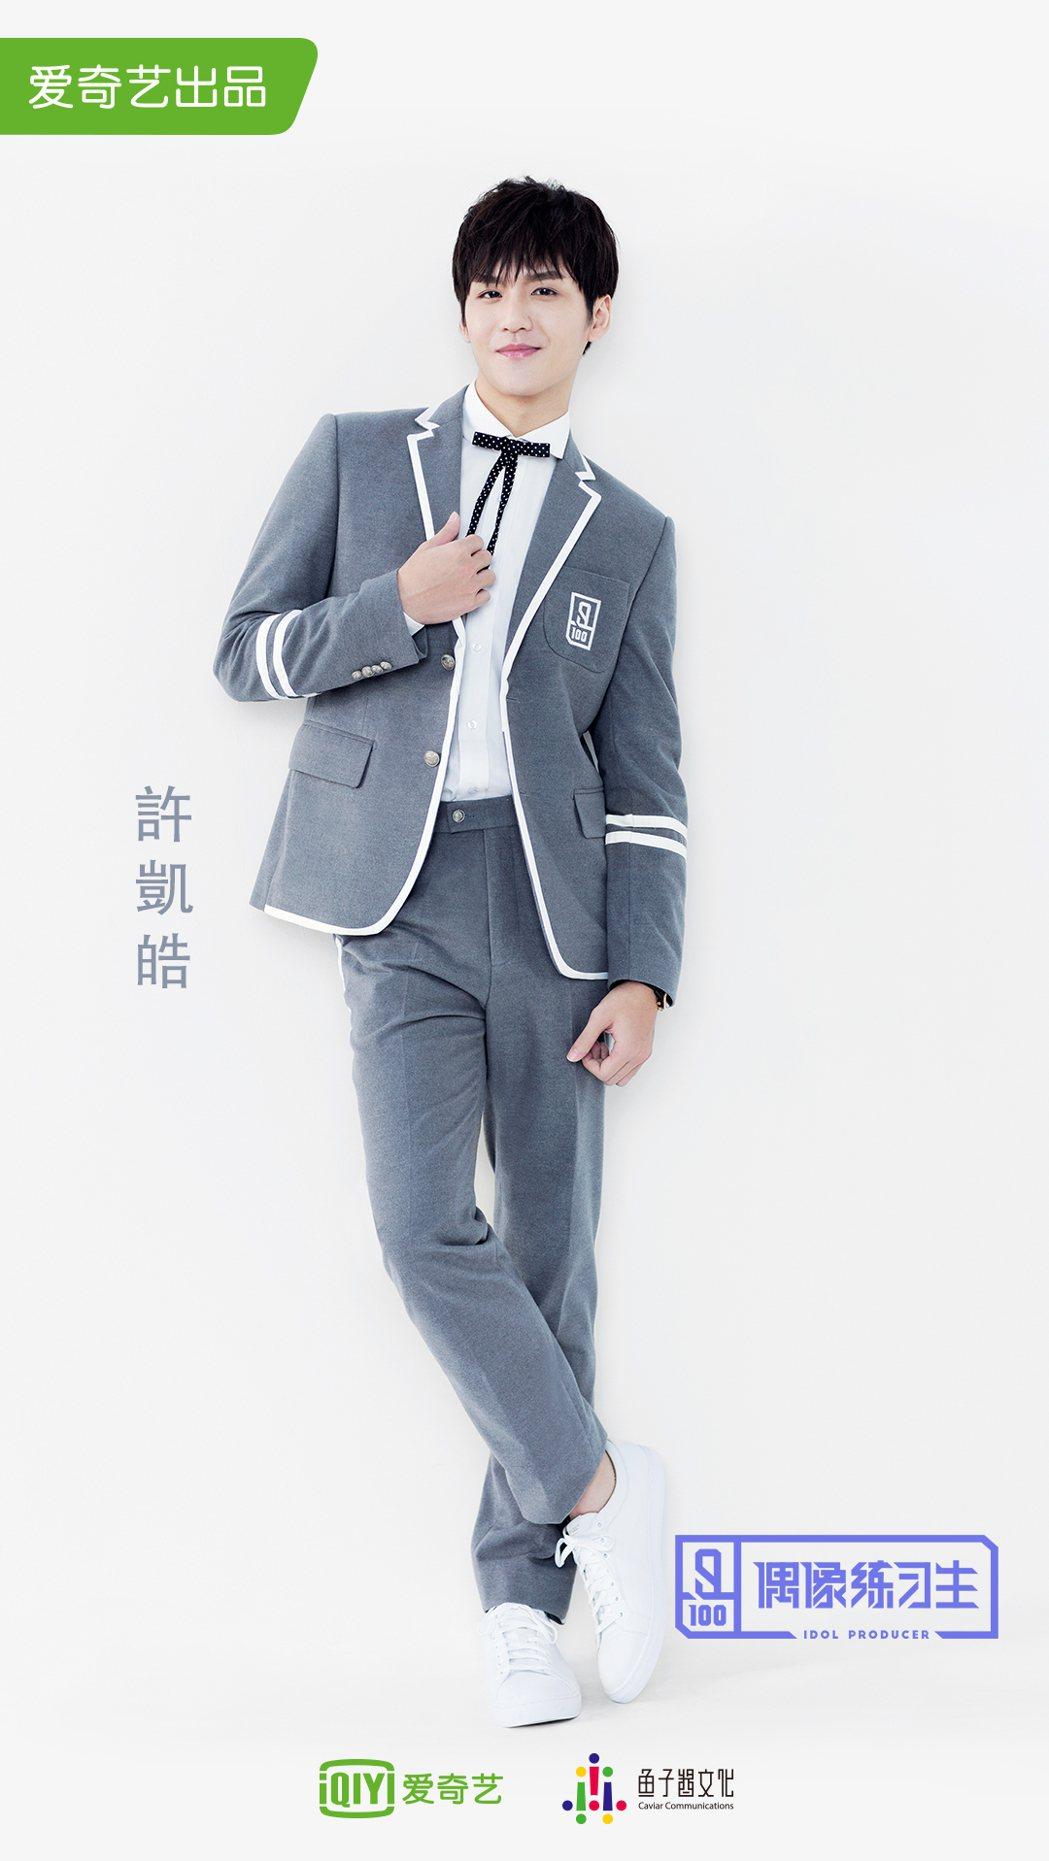 台灣野火娛樂新人許凱皓參賽「偶像練習生」。圖/偶像練習生提供